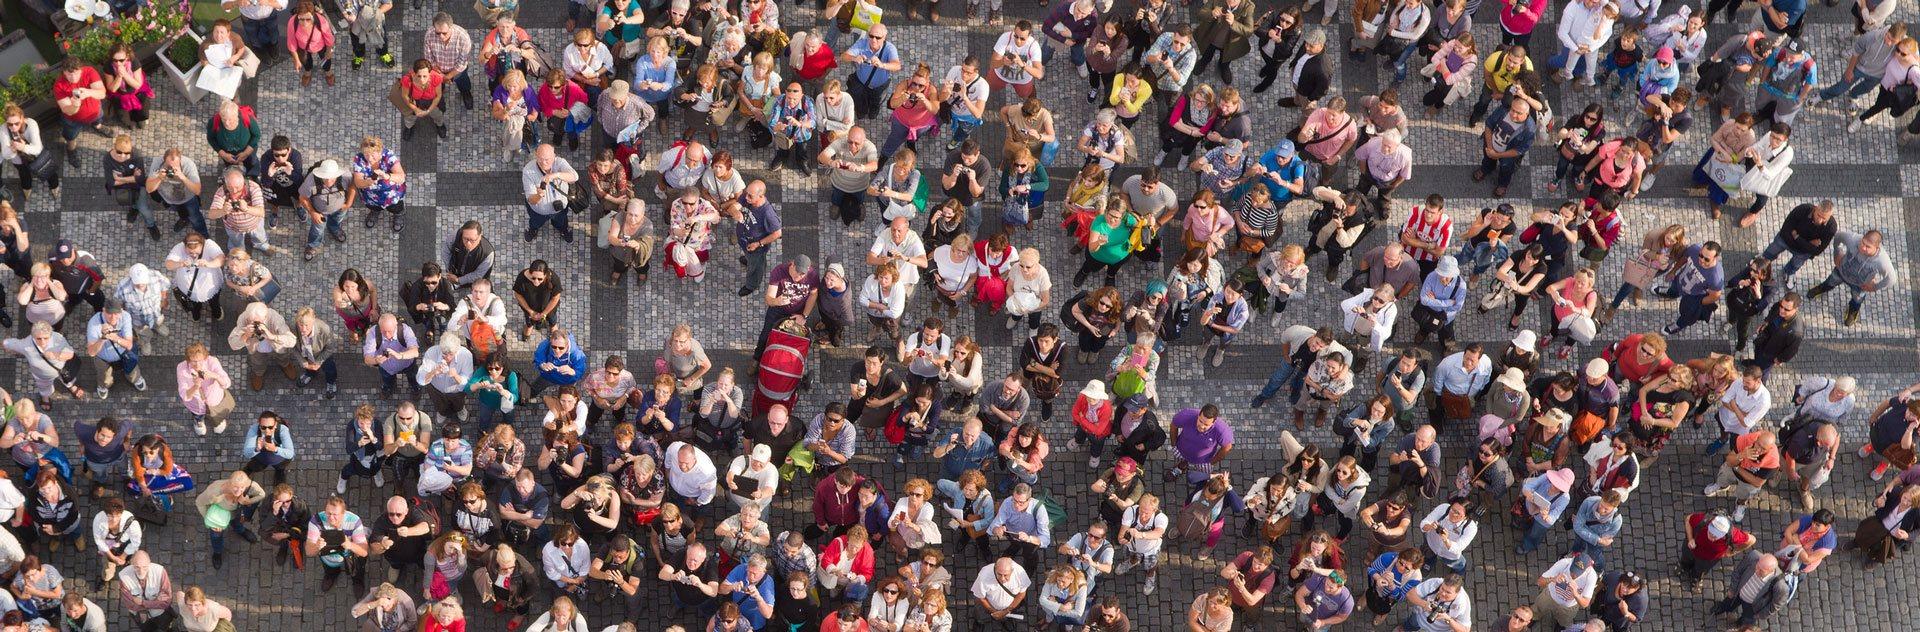 badania rynkowe i marketingowe pokazują co myślą konsumenci